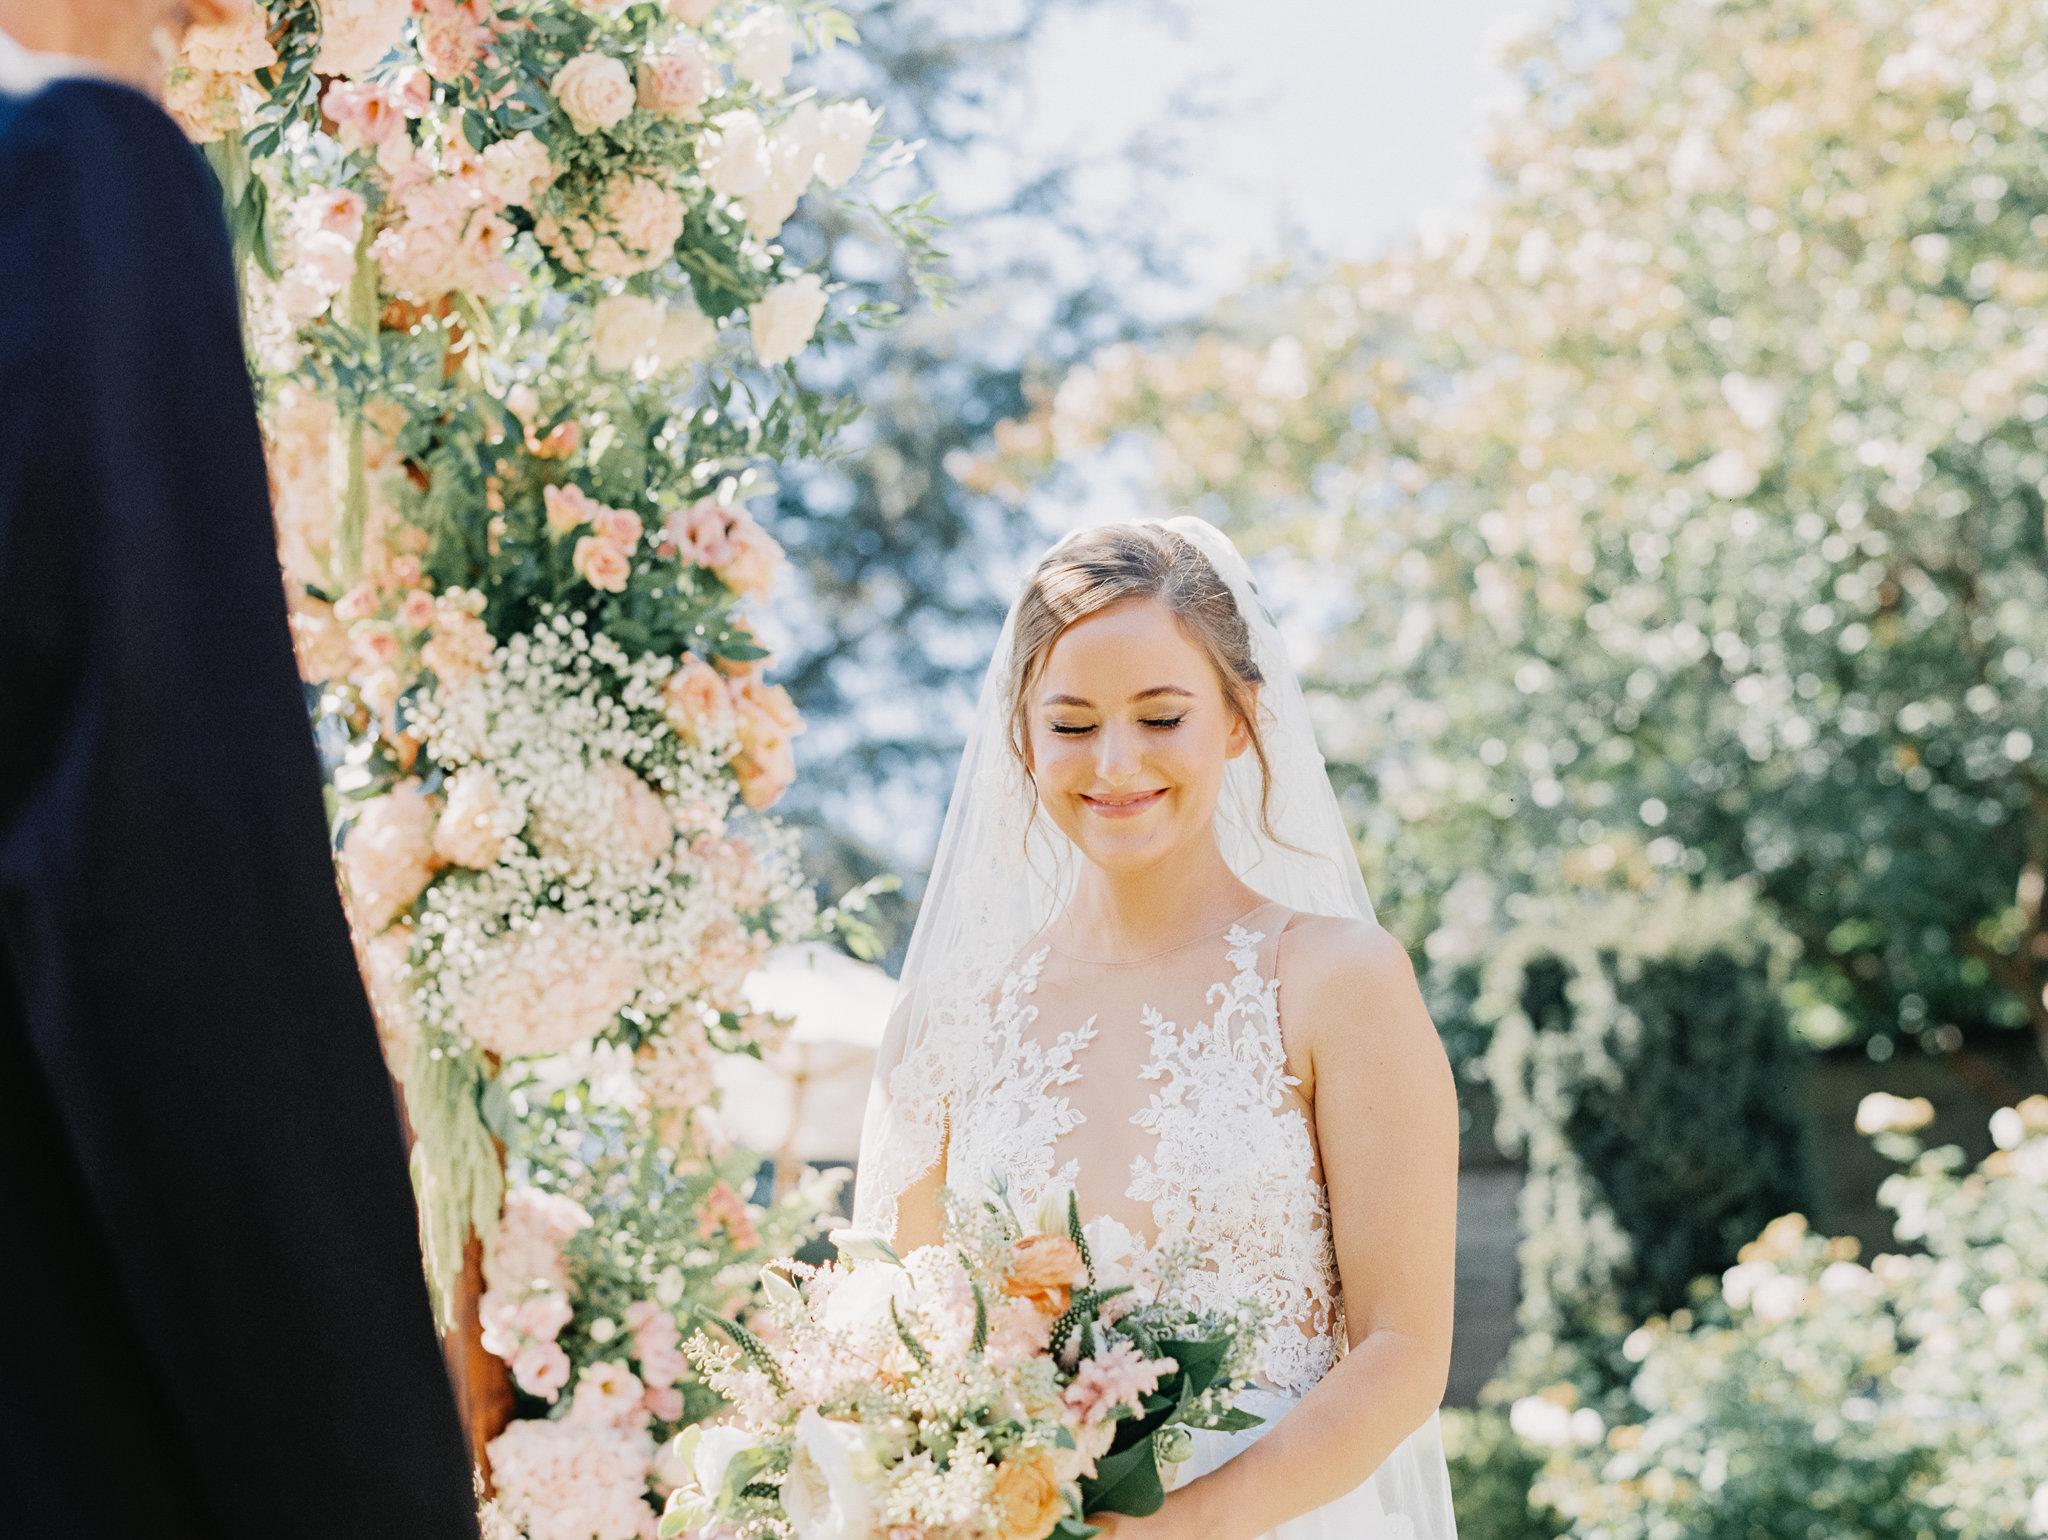 TanyaScott-Wedding-YingerFotokrafie-44.jpg